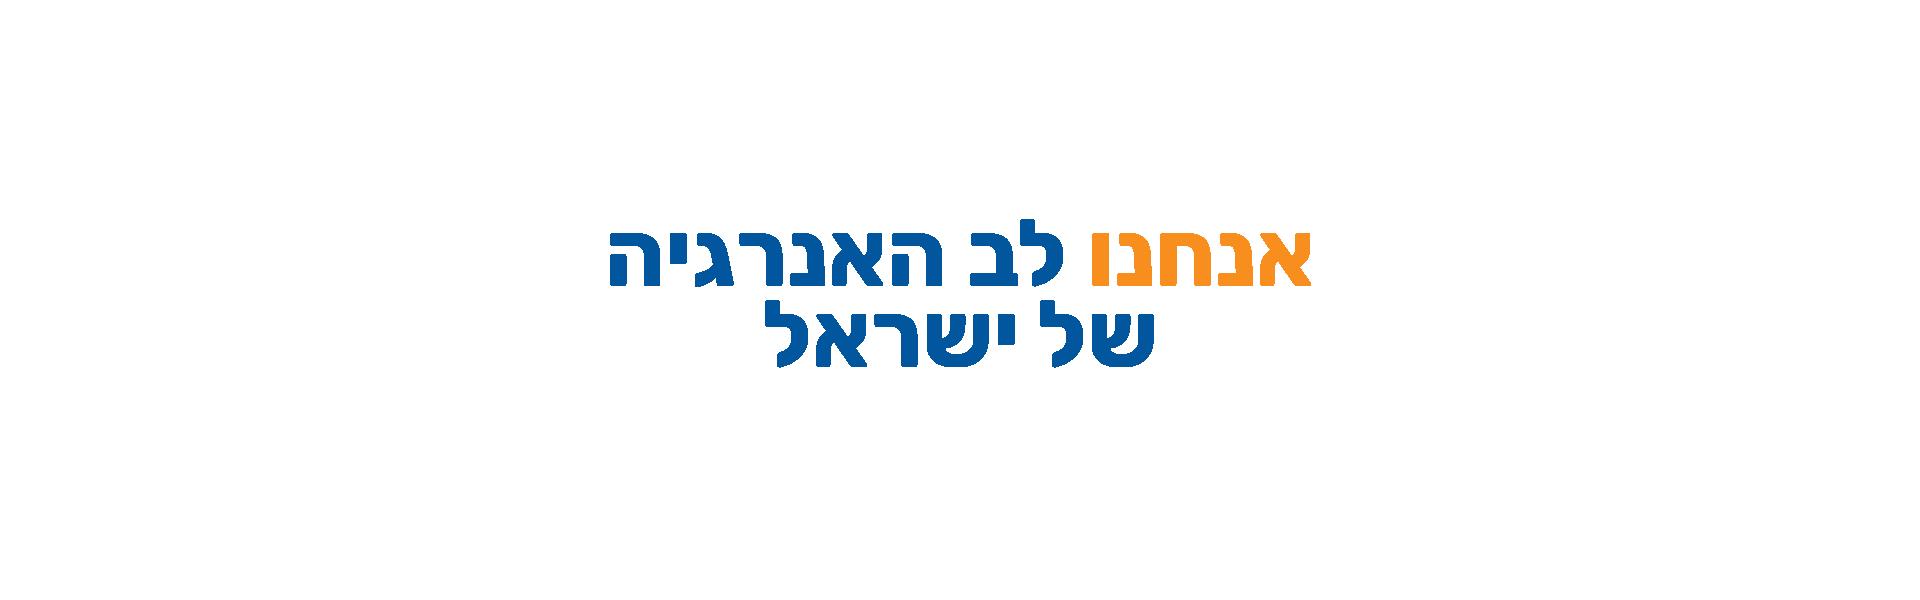 campaign 3 title